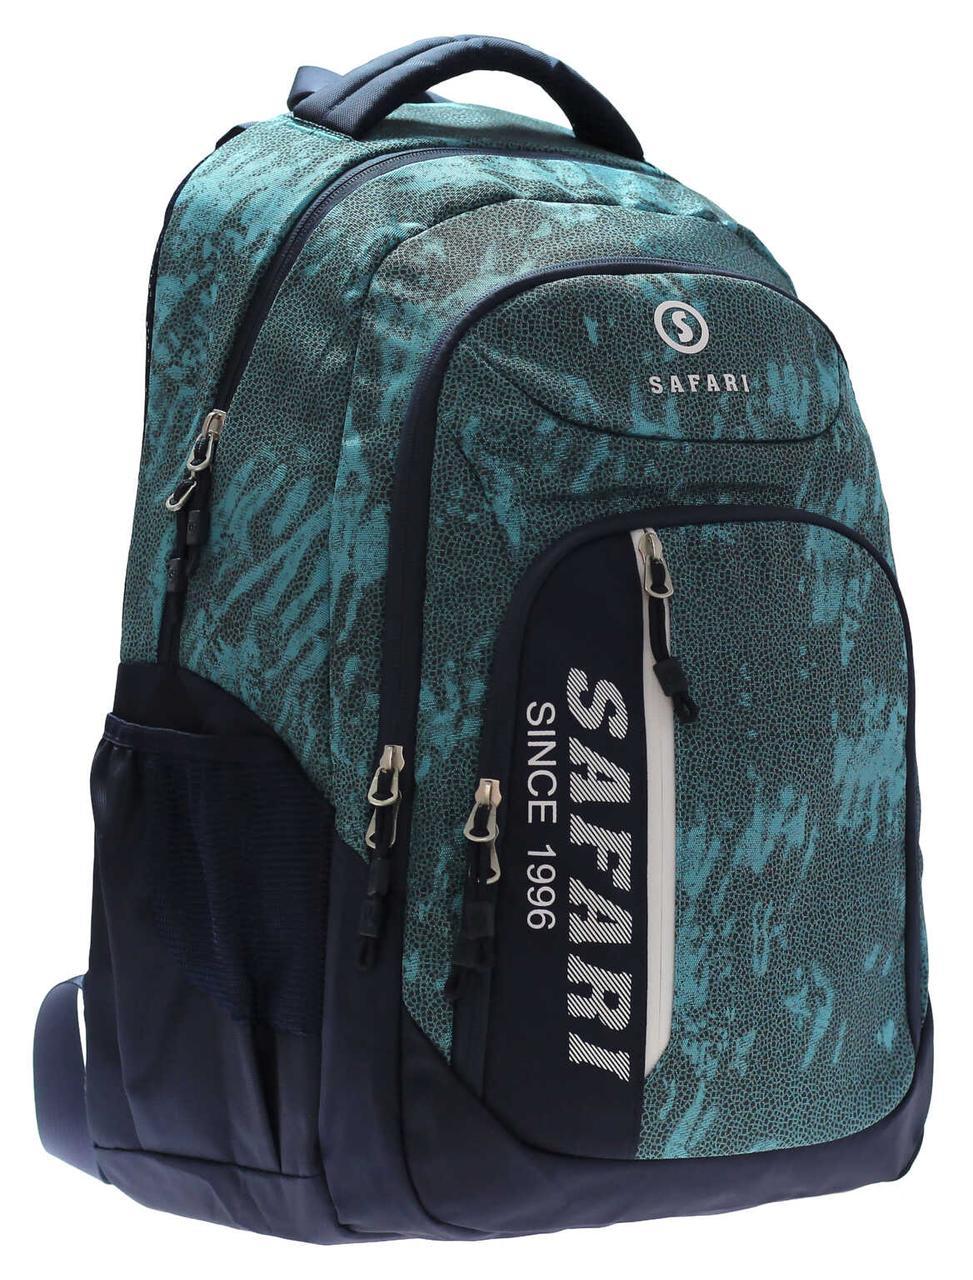 Рюкзак, 3 отделения, 48*31*20см, PL, Safari Trend, 19-107L-2, SAFARI